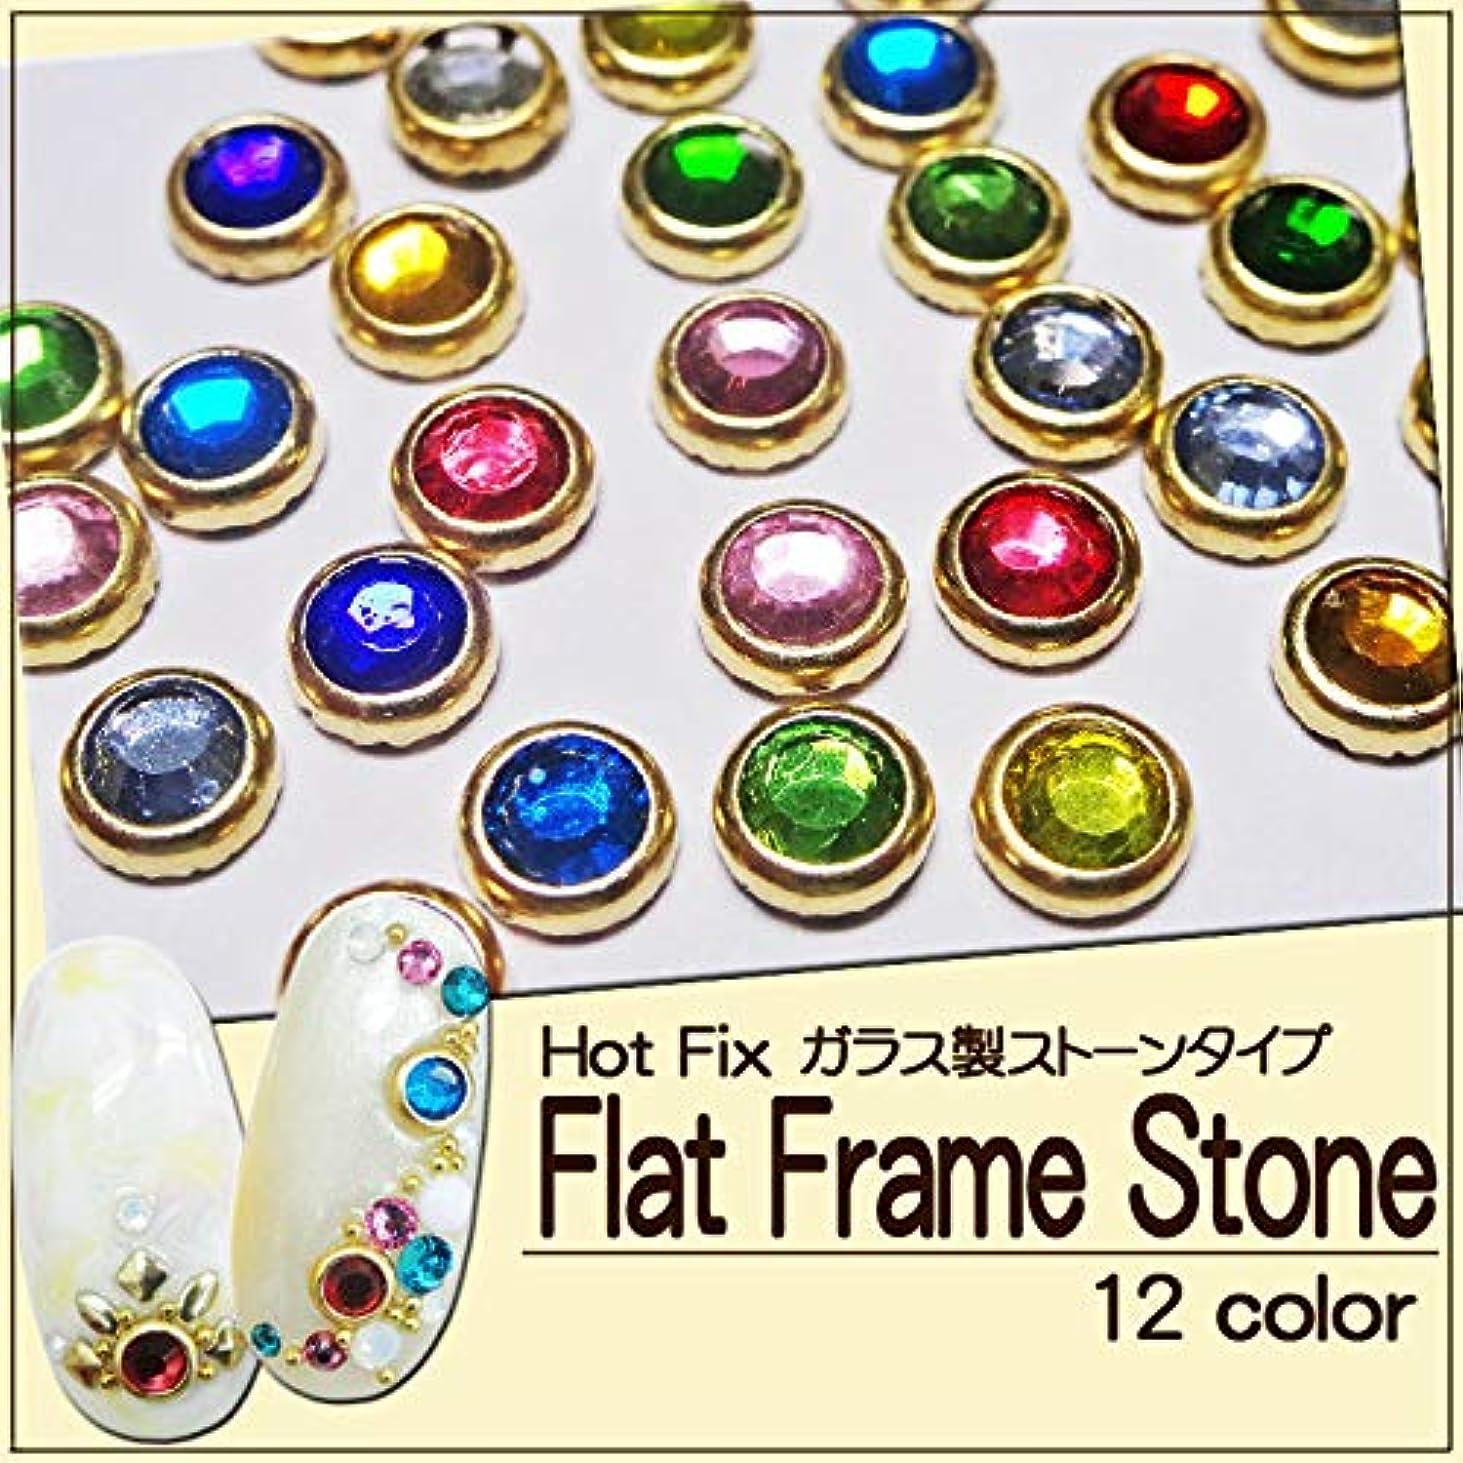 スコアハリケーンしみホットフィックス アイロン フラットフレーム ガラス製ストーン 5個入り (3mm(5個入り), 1.クリスタル)